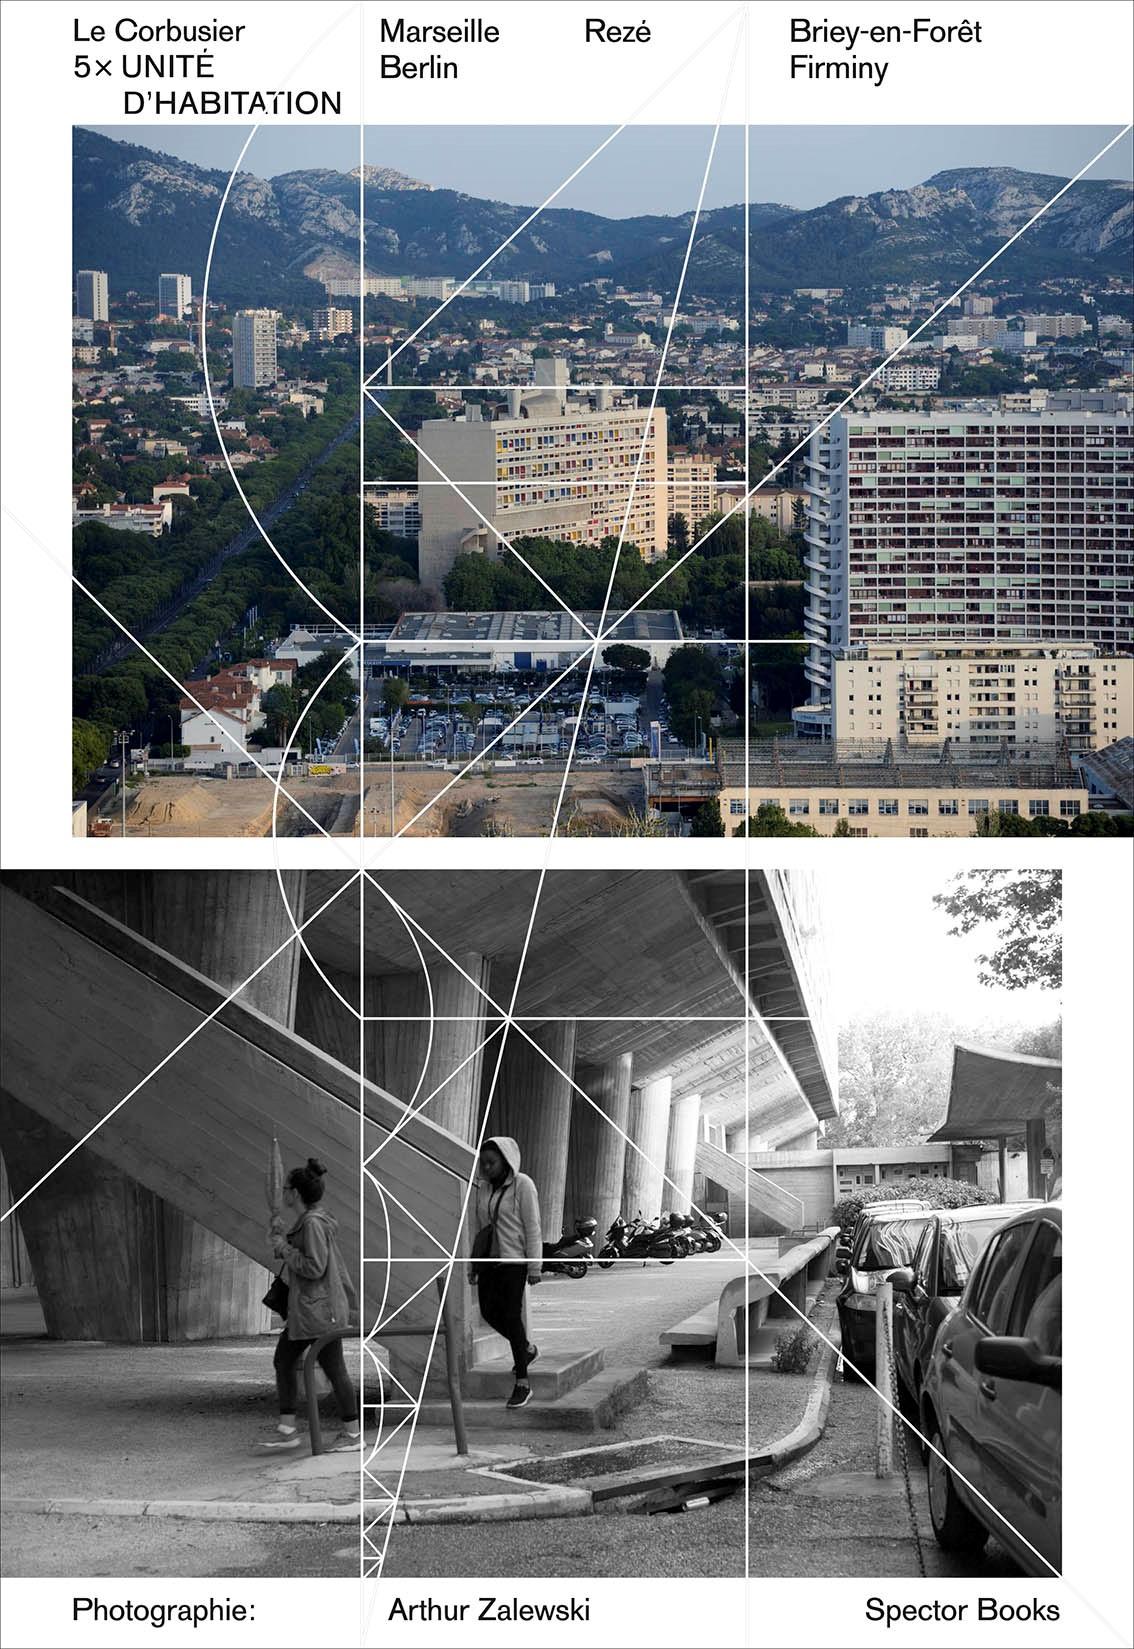 Le Corbusier: 5 x Unité - Publication by SPECTOR BOOKSApril 2019